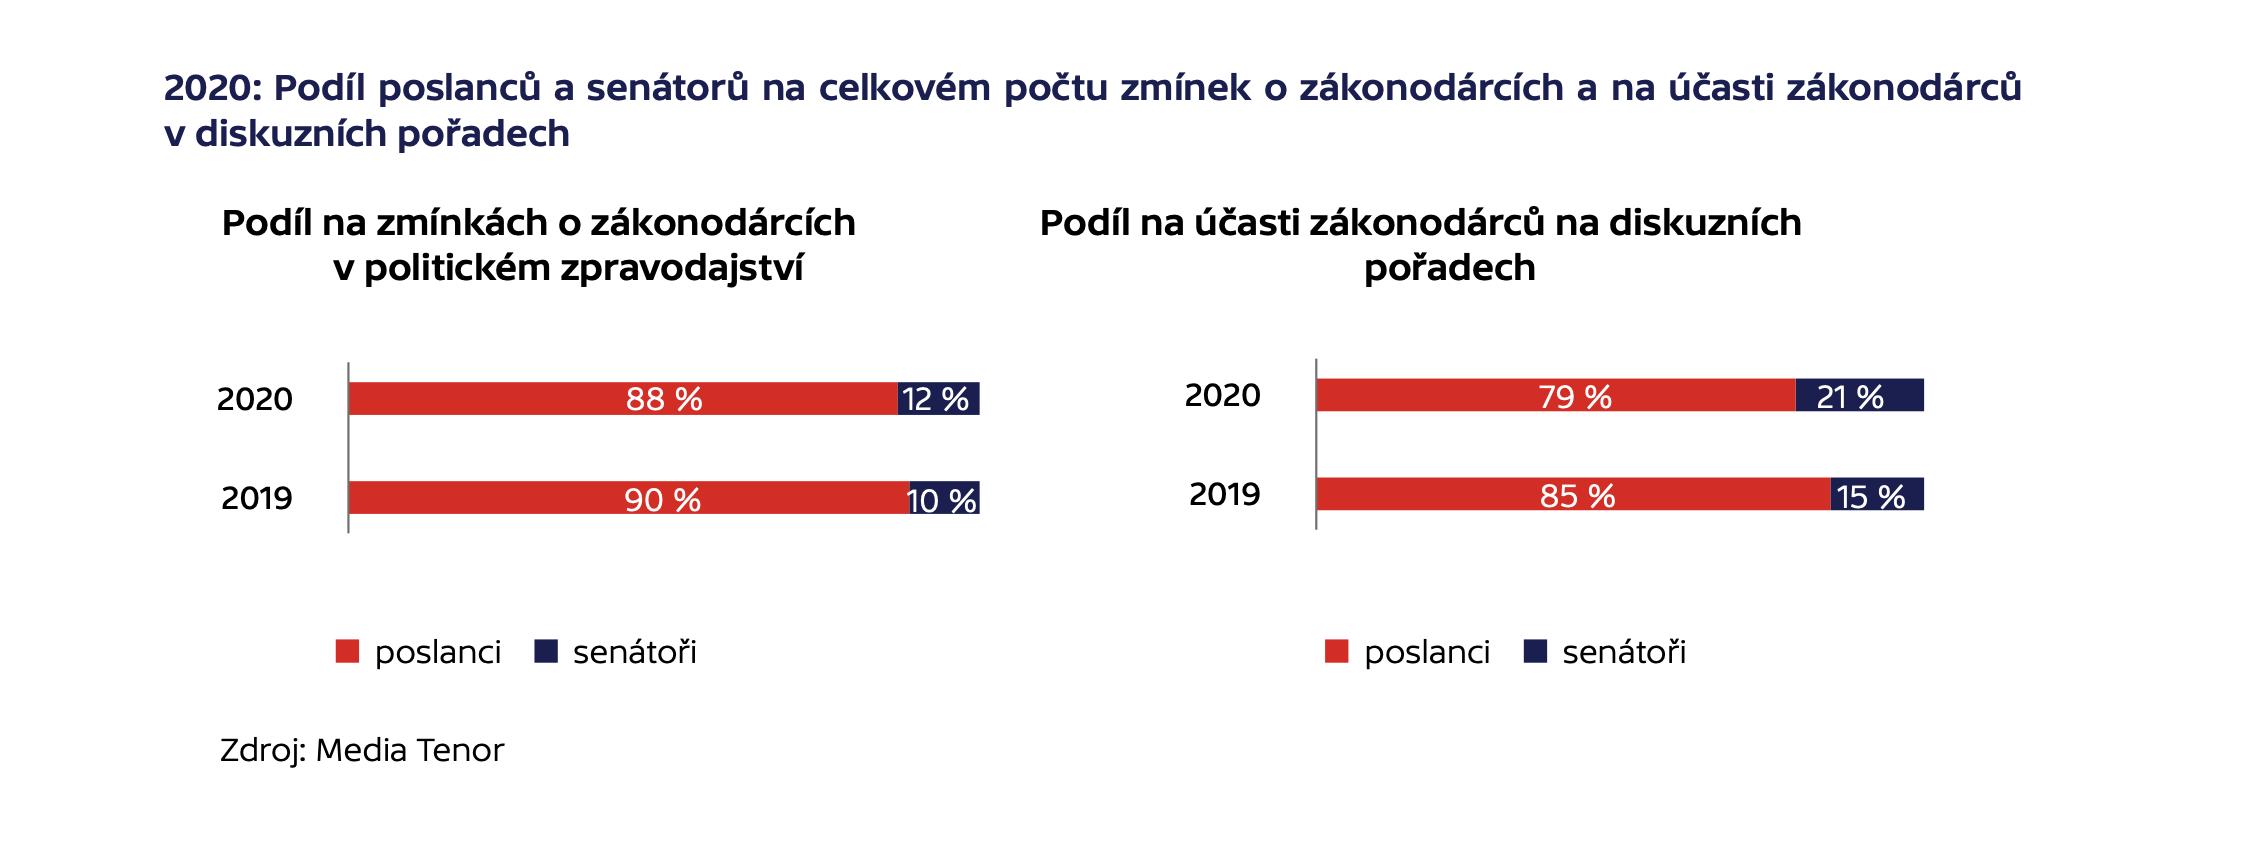 2020: Podíl poslanců a senátorů na celkovém počtu zmínek o zákonodárcích a na účasti zákonodárců v diskuzních pořadech